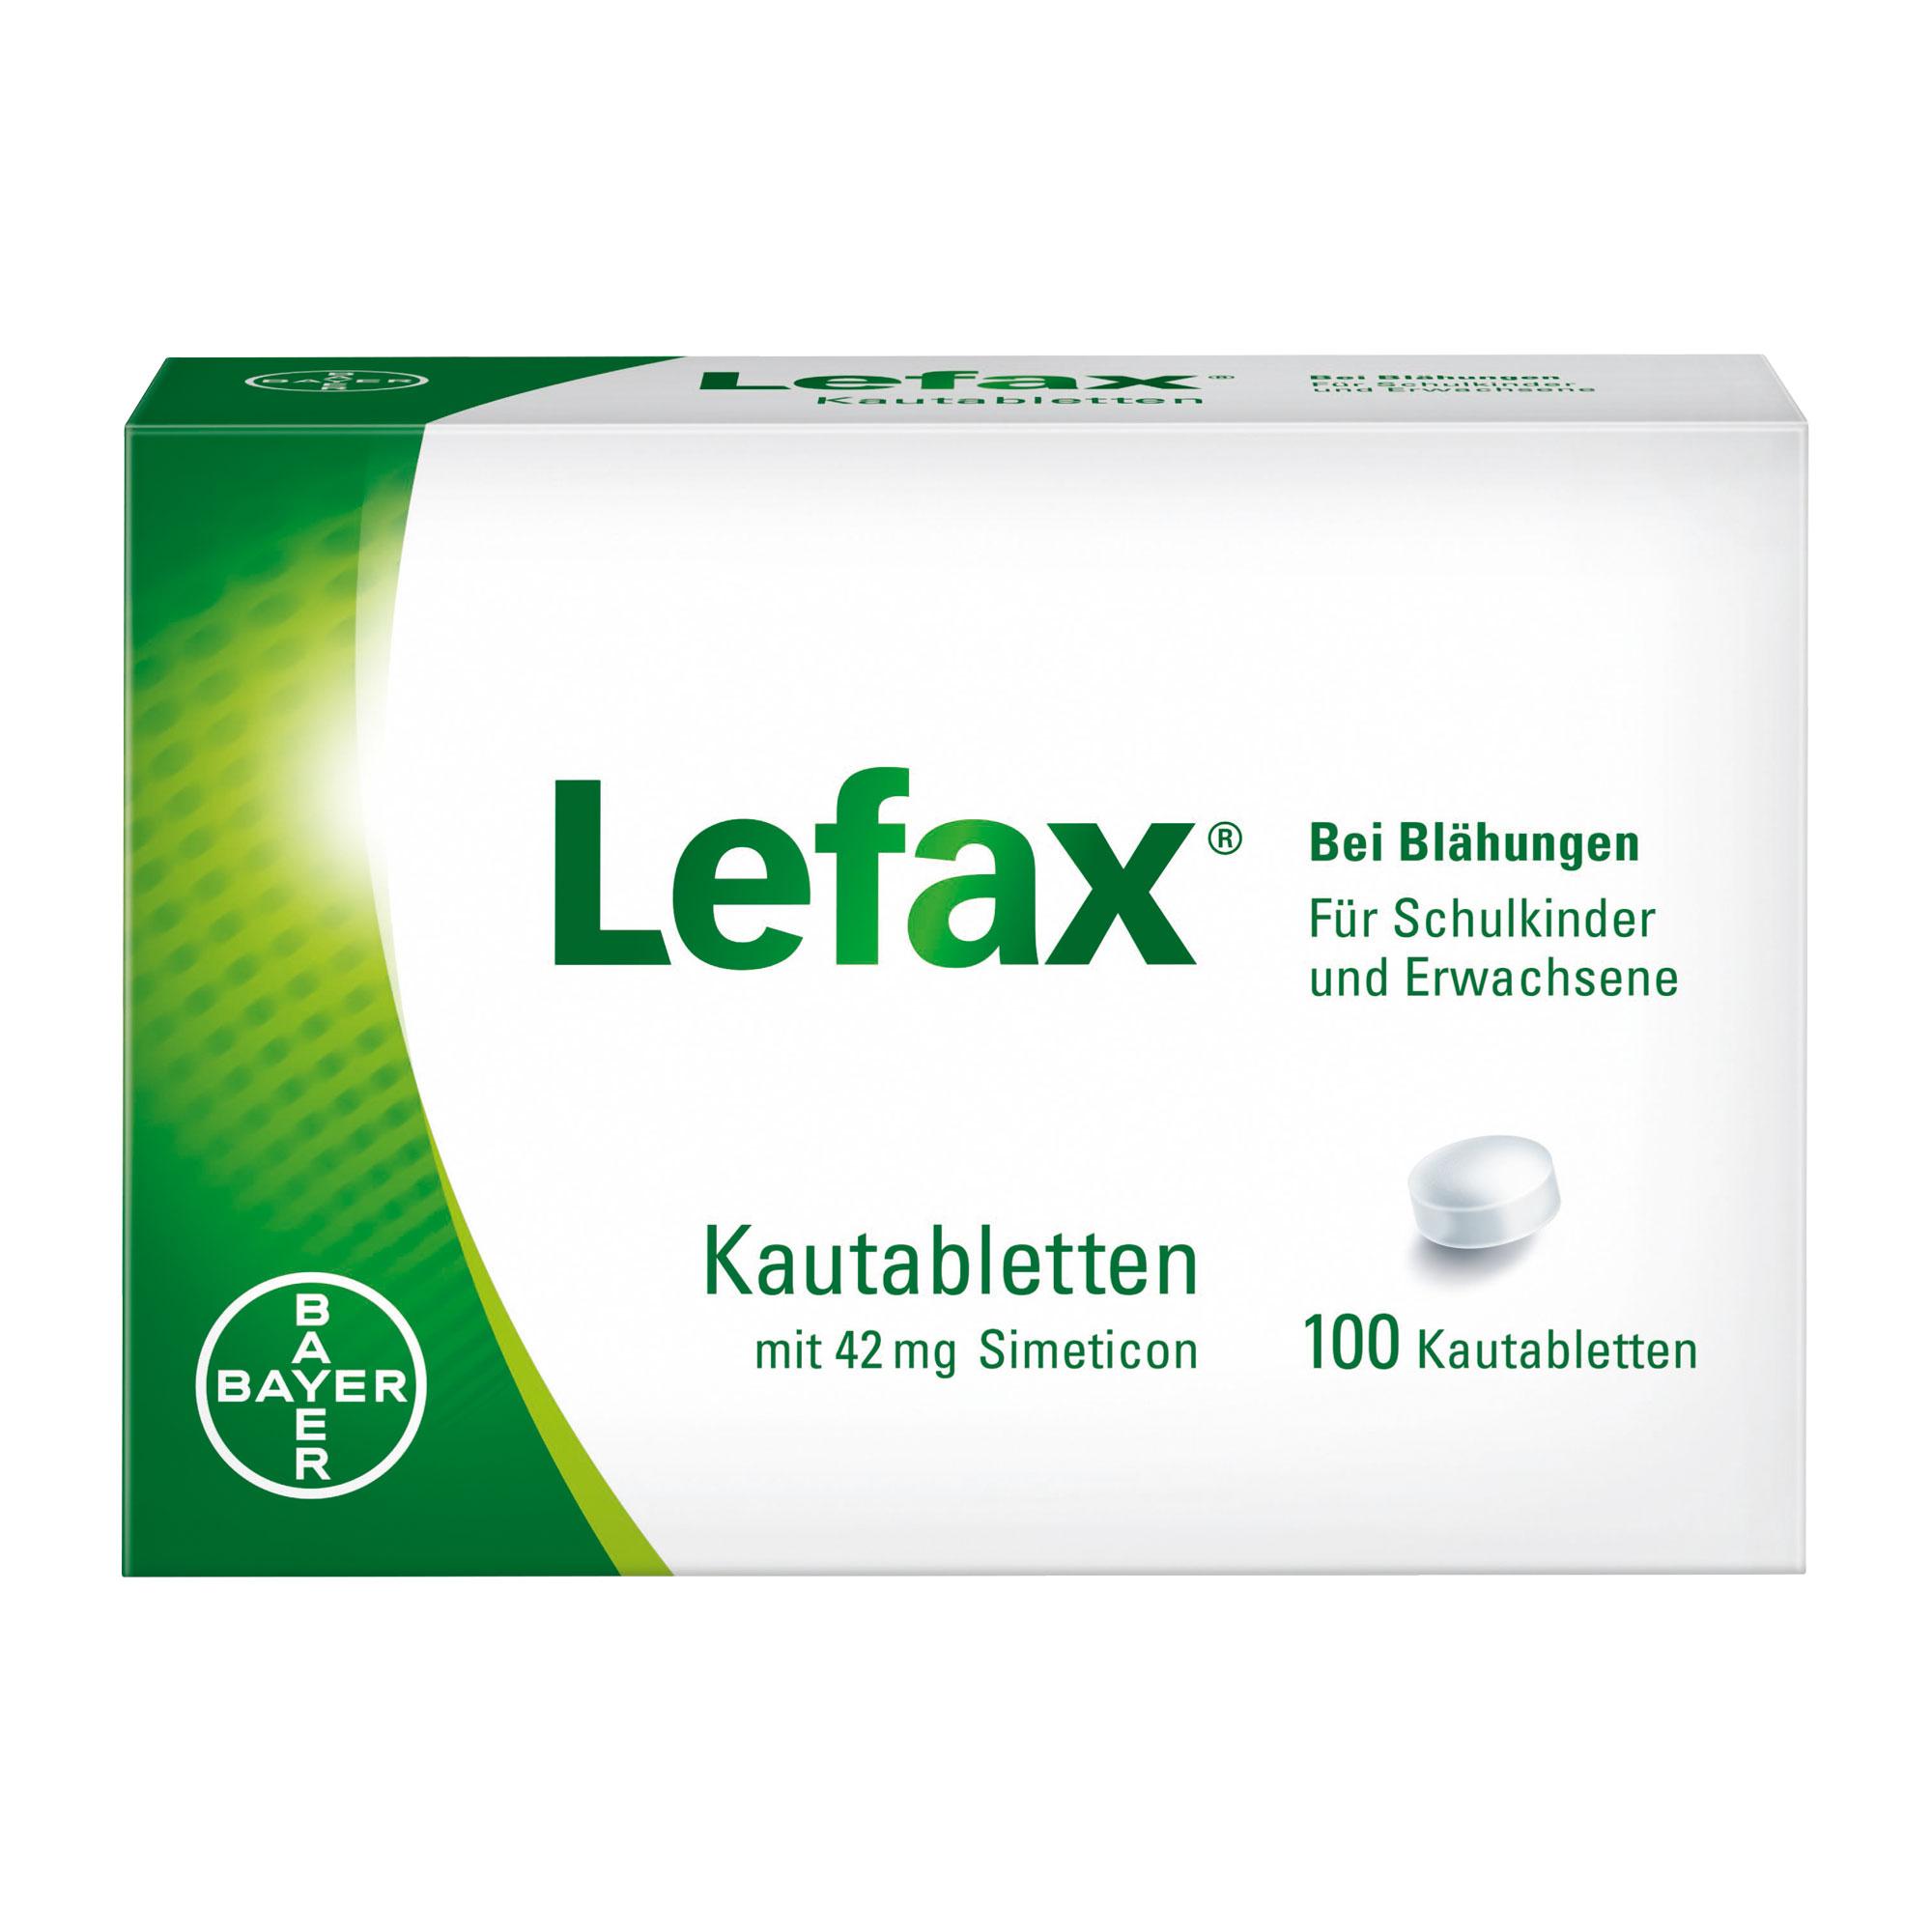 Lefax Kautabletten bei Blähungen